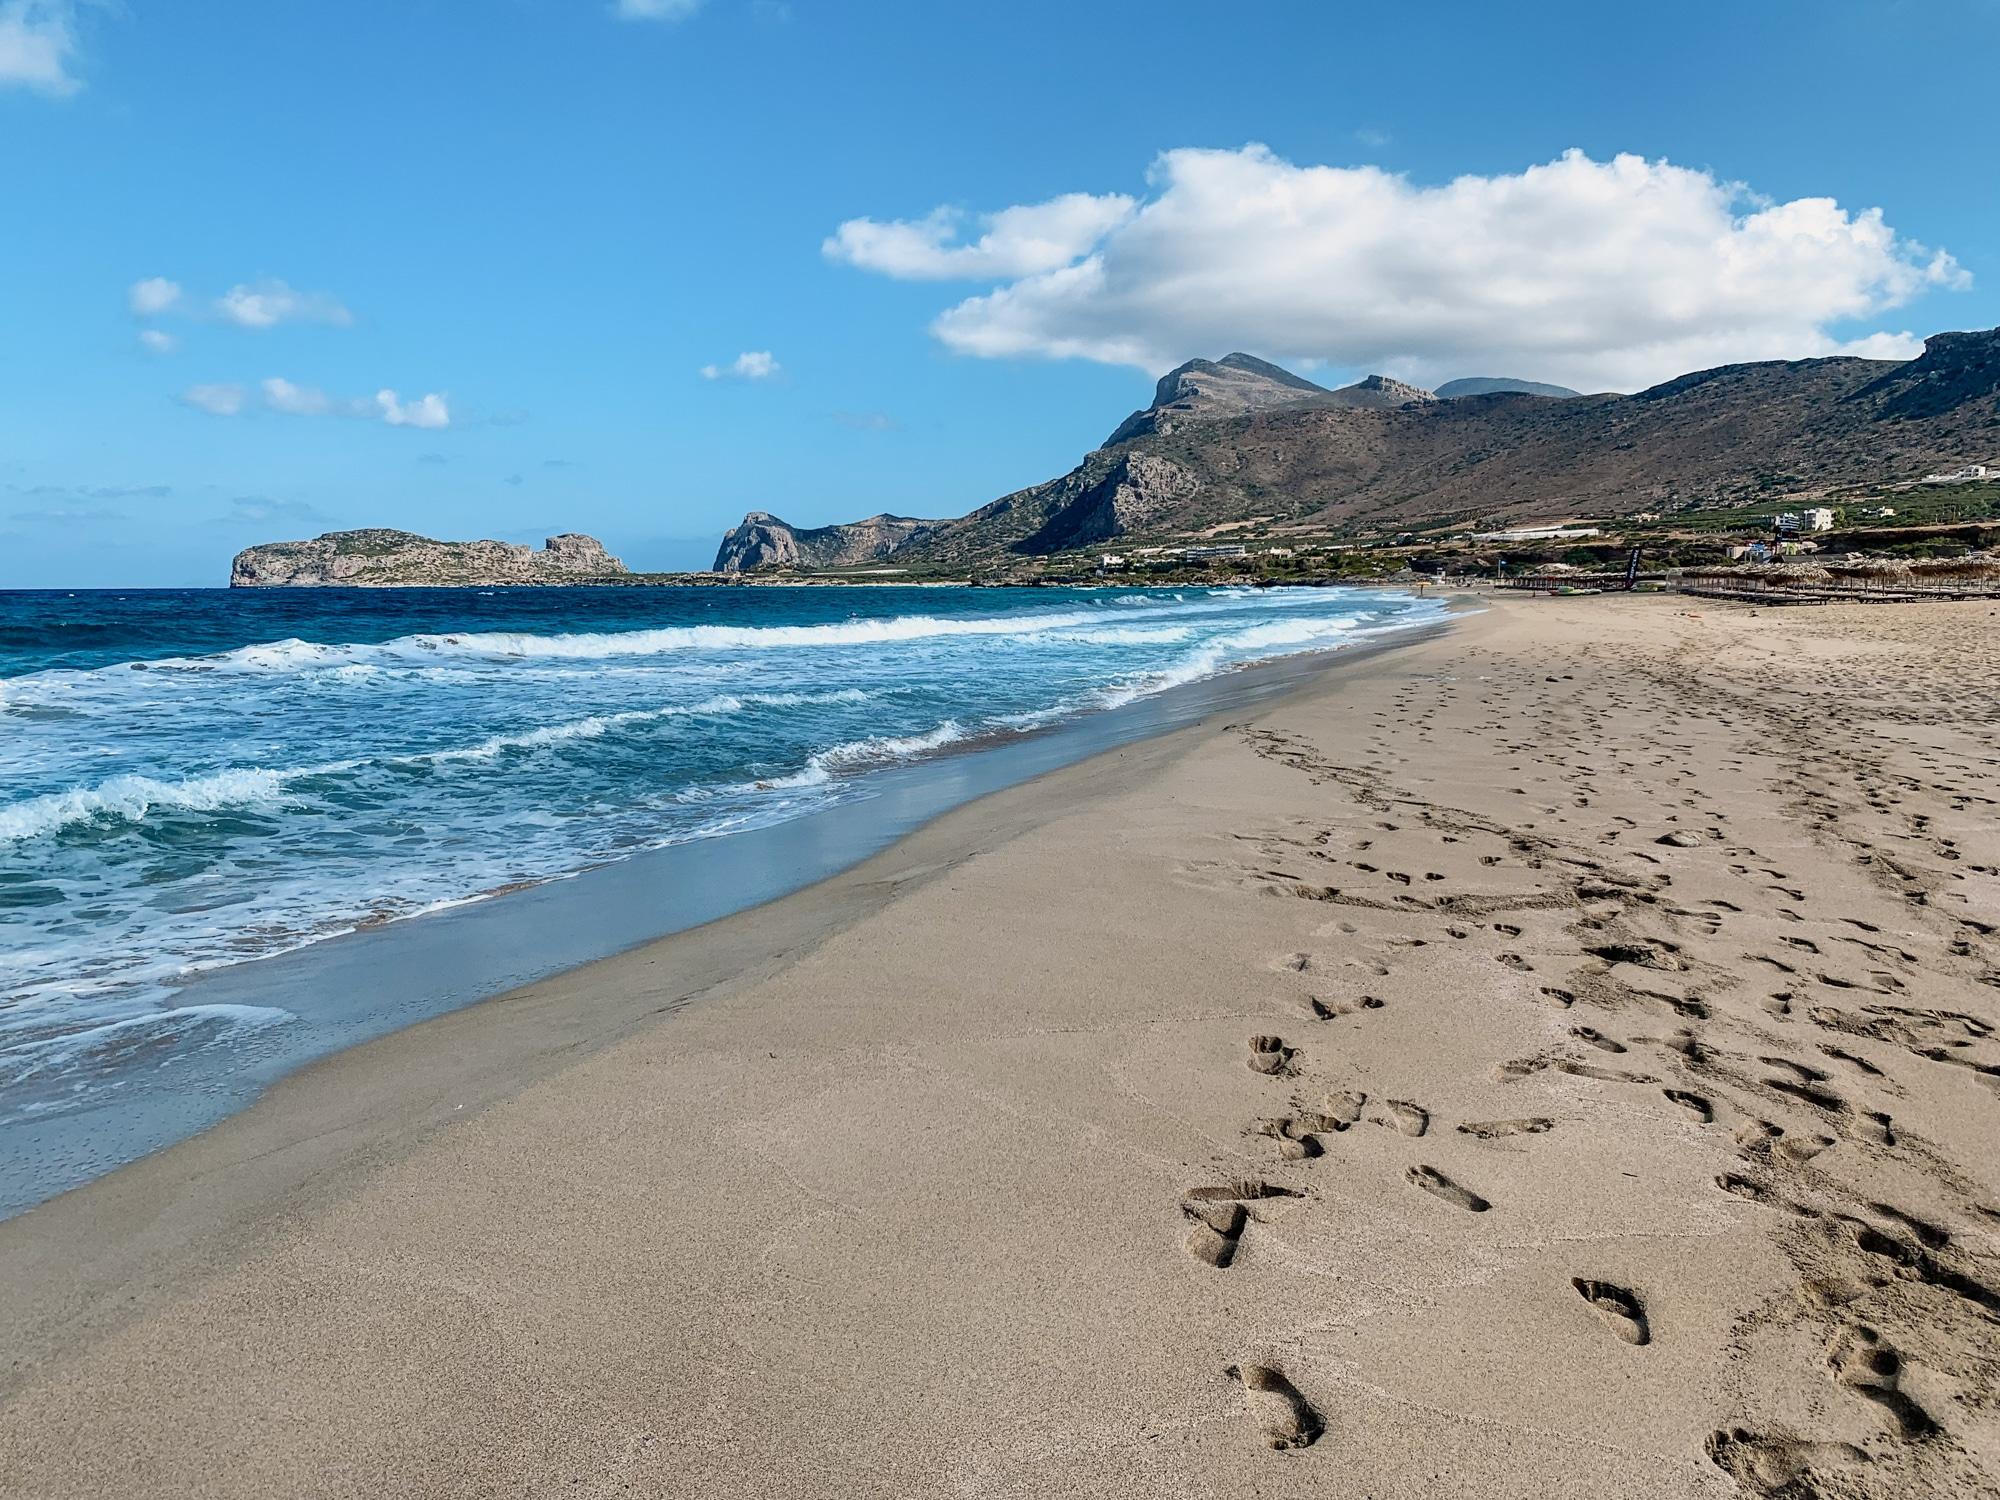 Schönste Strände auf Kreta: Das sind die sechs schönsten Kreta Strände - Falassarna